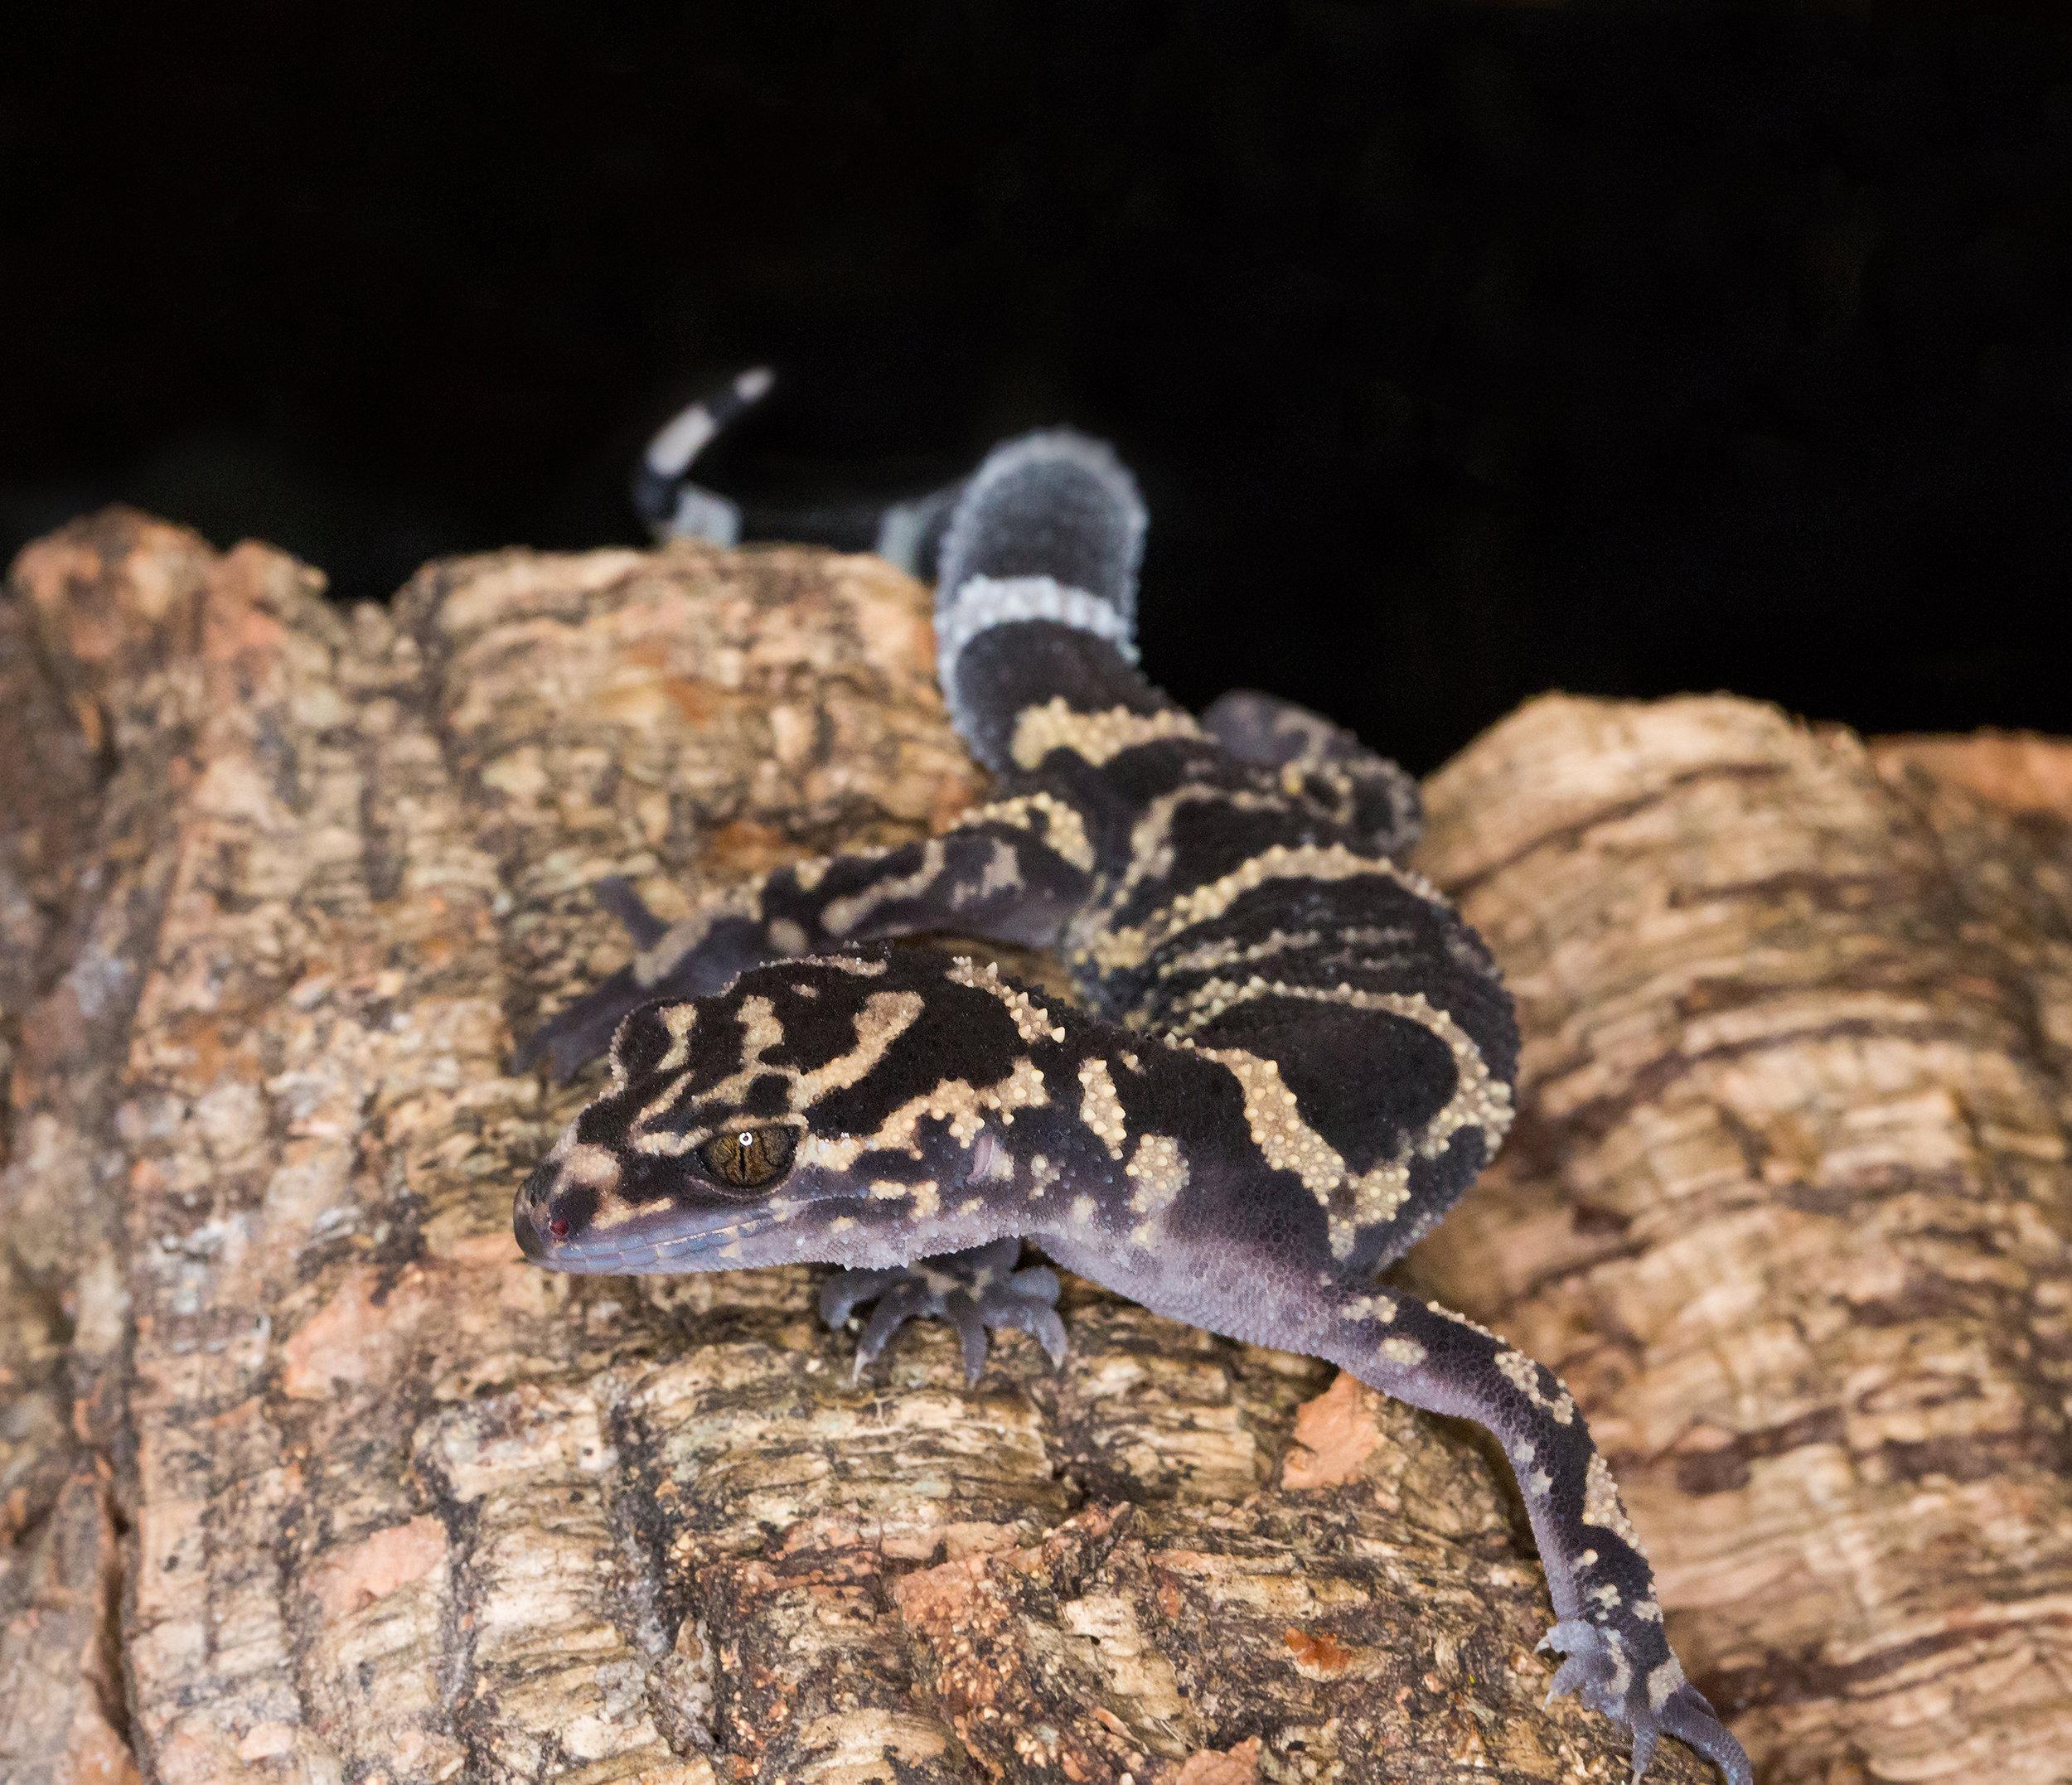 Adult female G. yamashinae